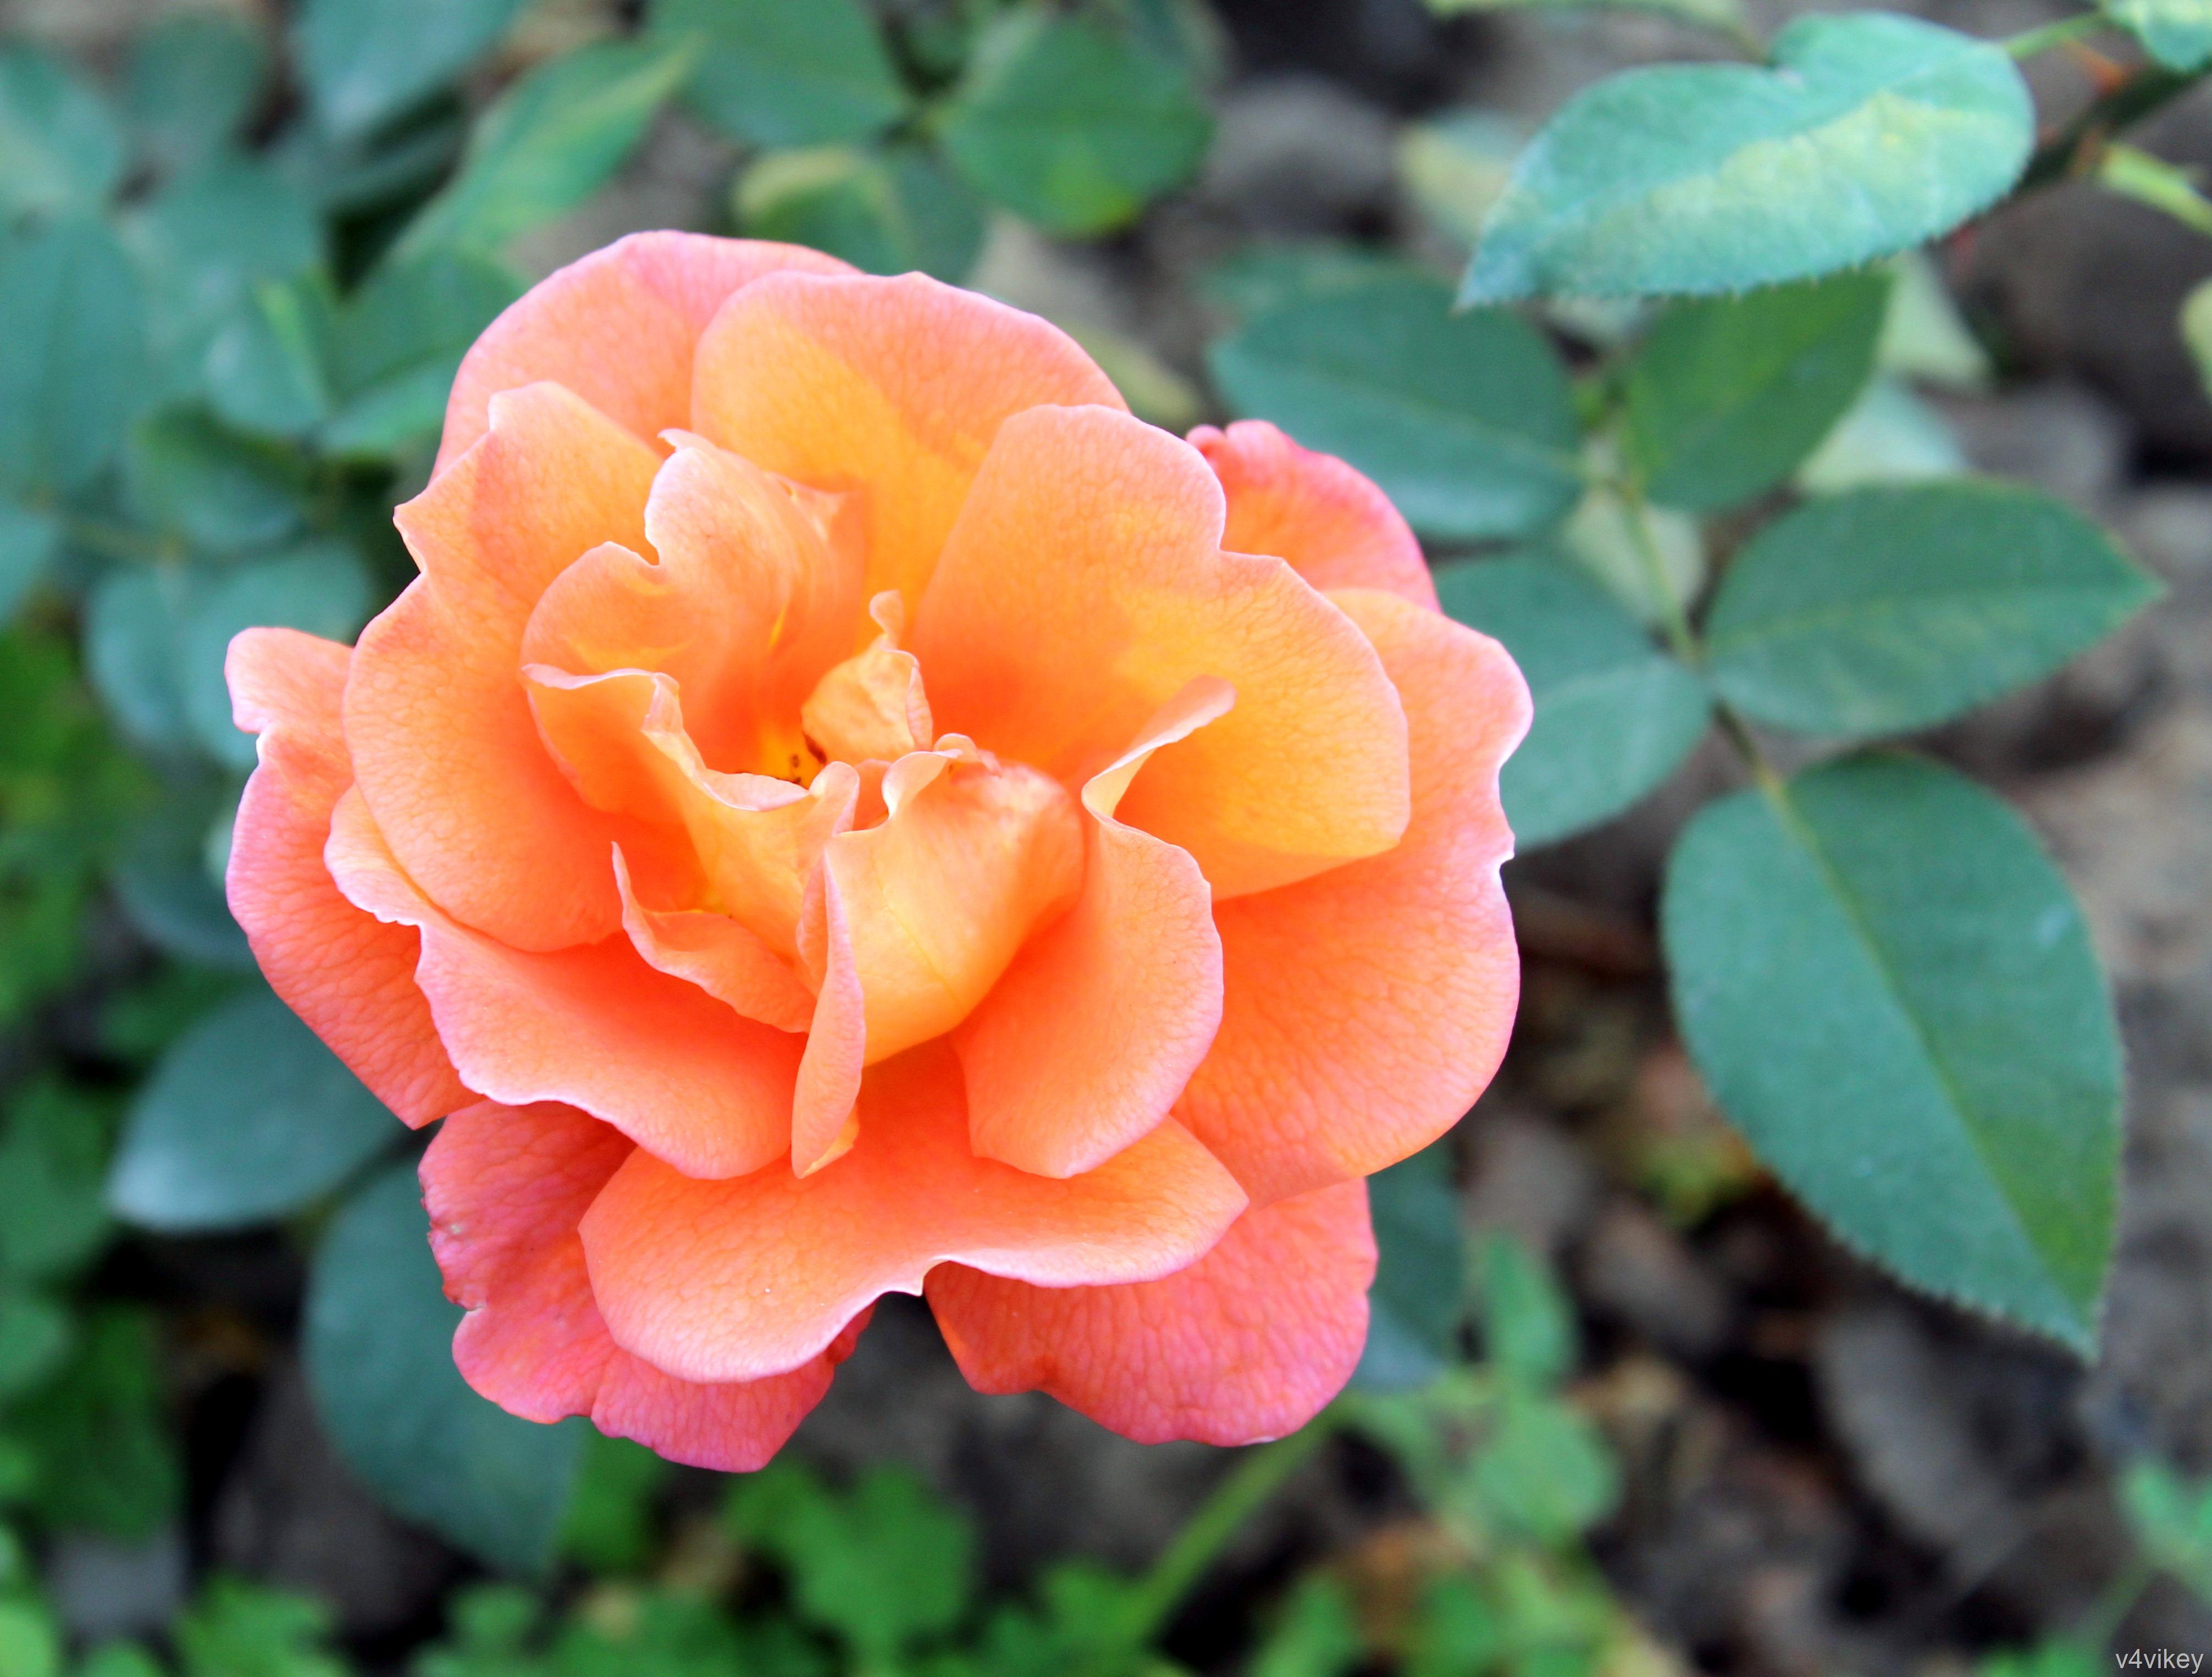 Denvers Dream Orange Rose Flower Wallpaper Wallpaper Tadka